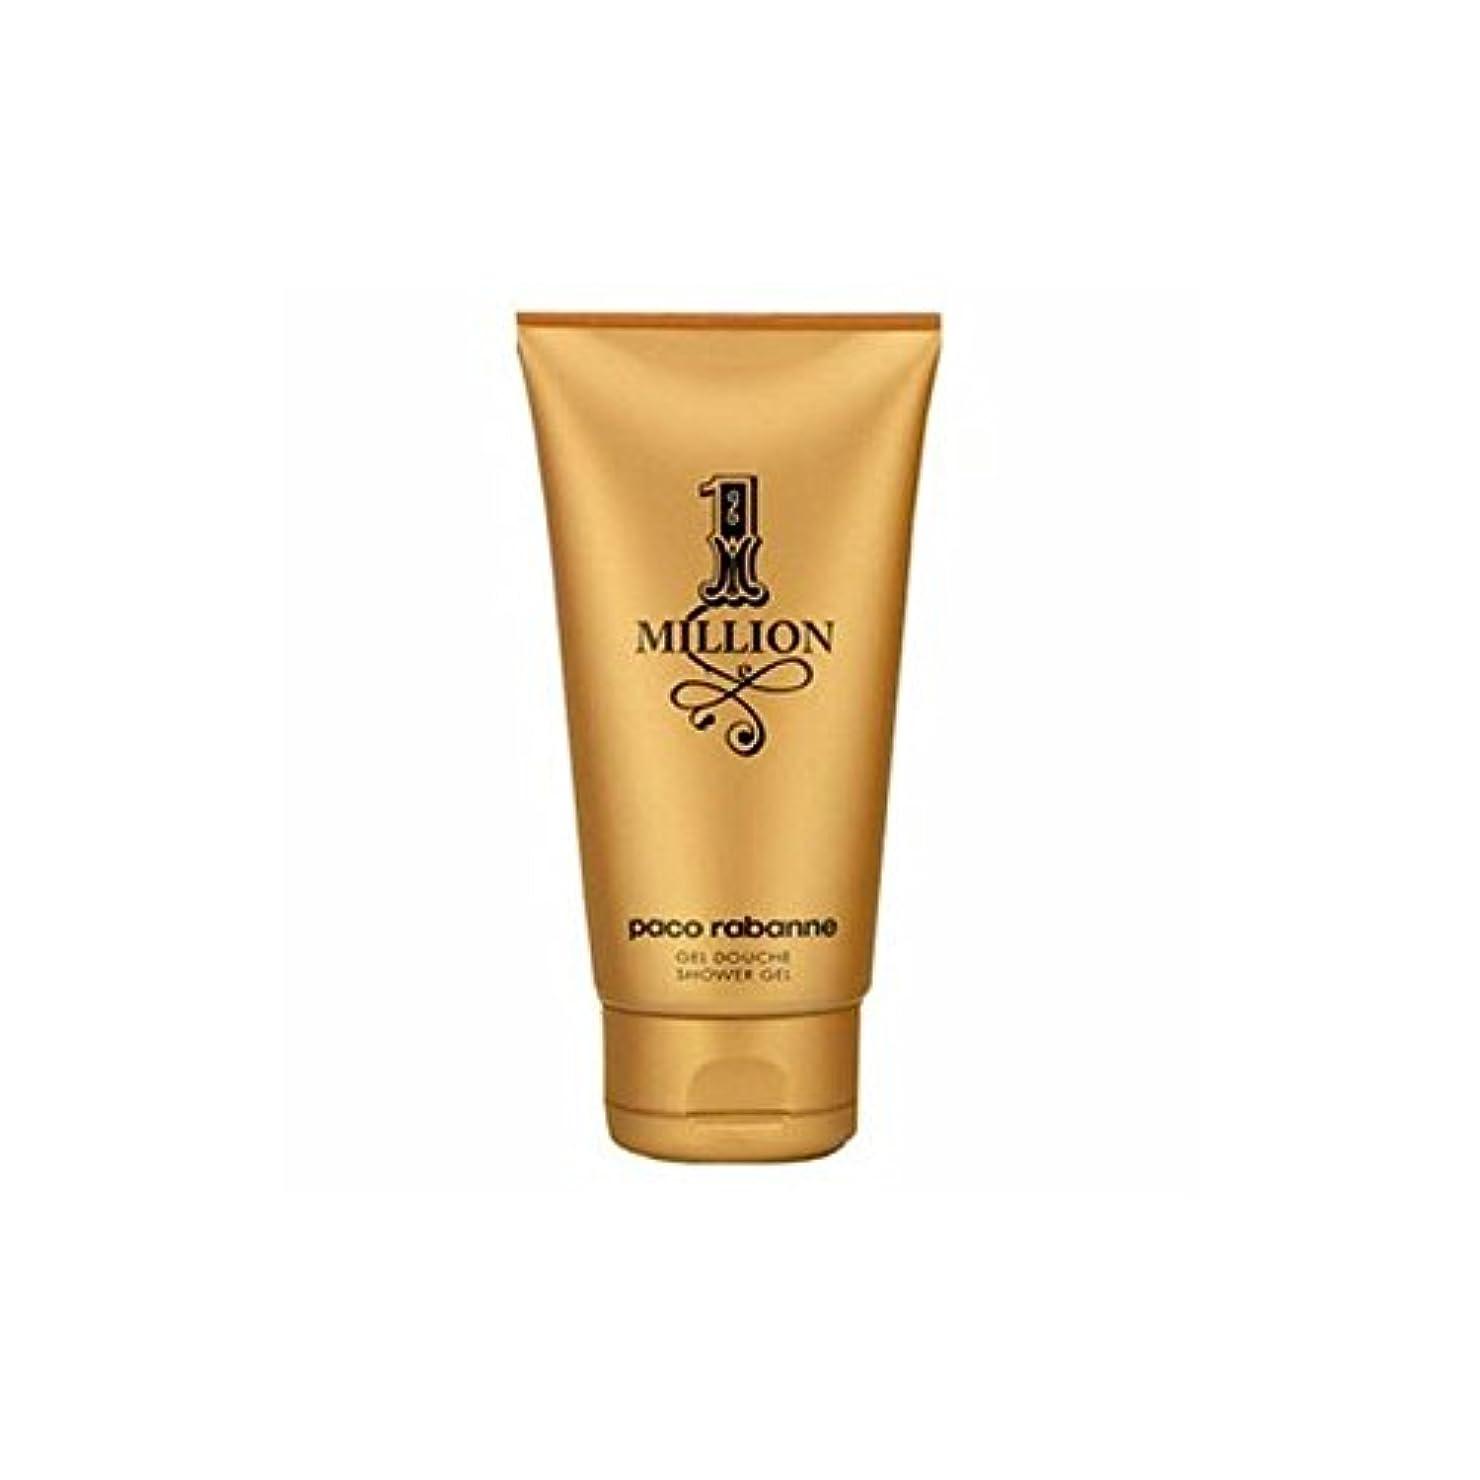 役割力学資格情報[Paco Rabanne ] 男性のためのパコ?ラバンヌの100万シャワージェル - 150ミリリットル - Paco Rabanne 1 Million Shower gel for Men - 150ml [並行輸入品]